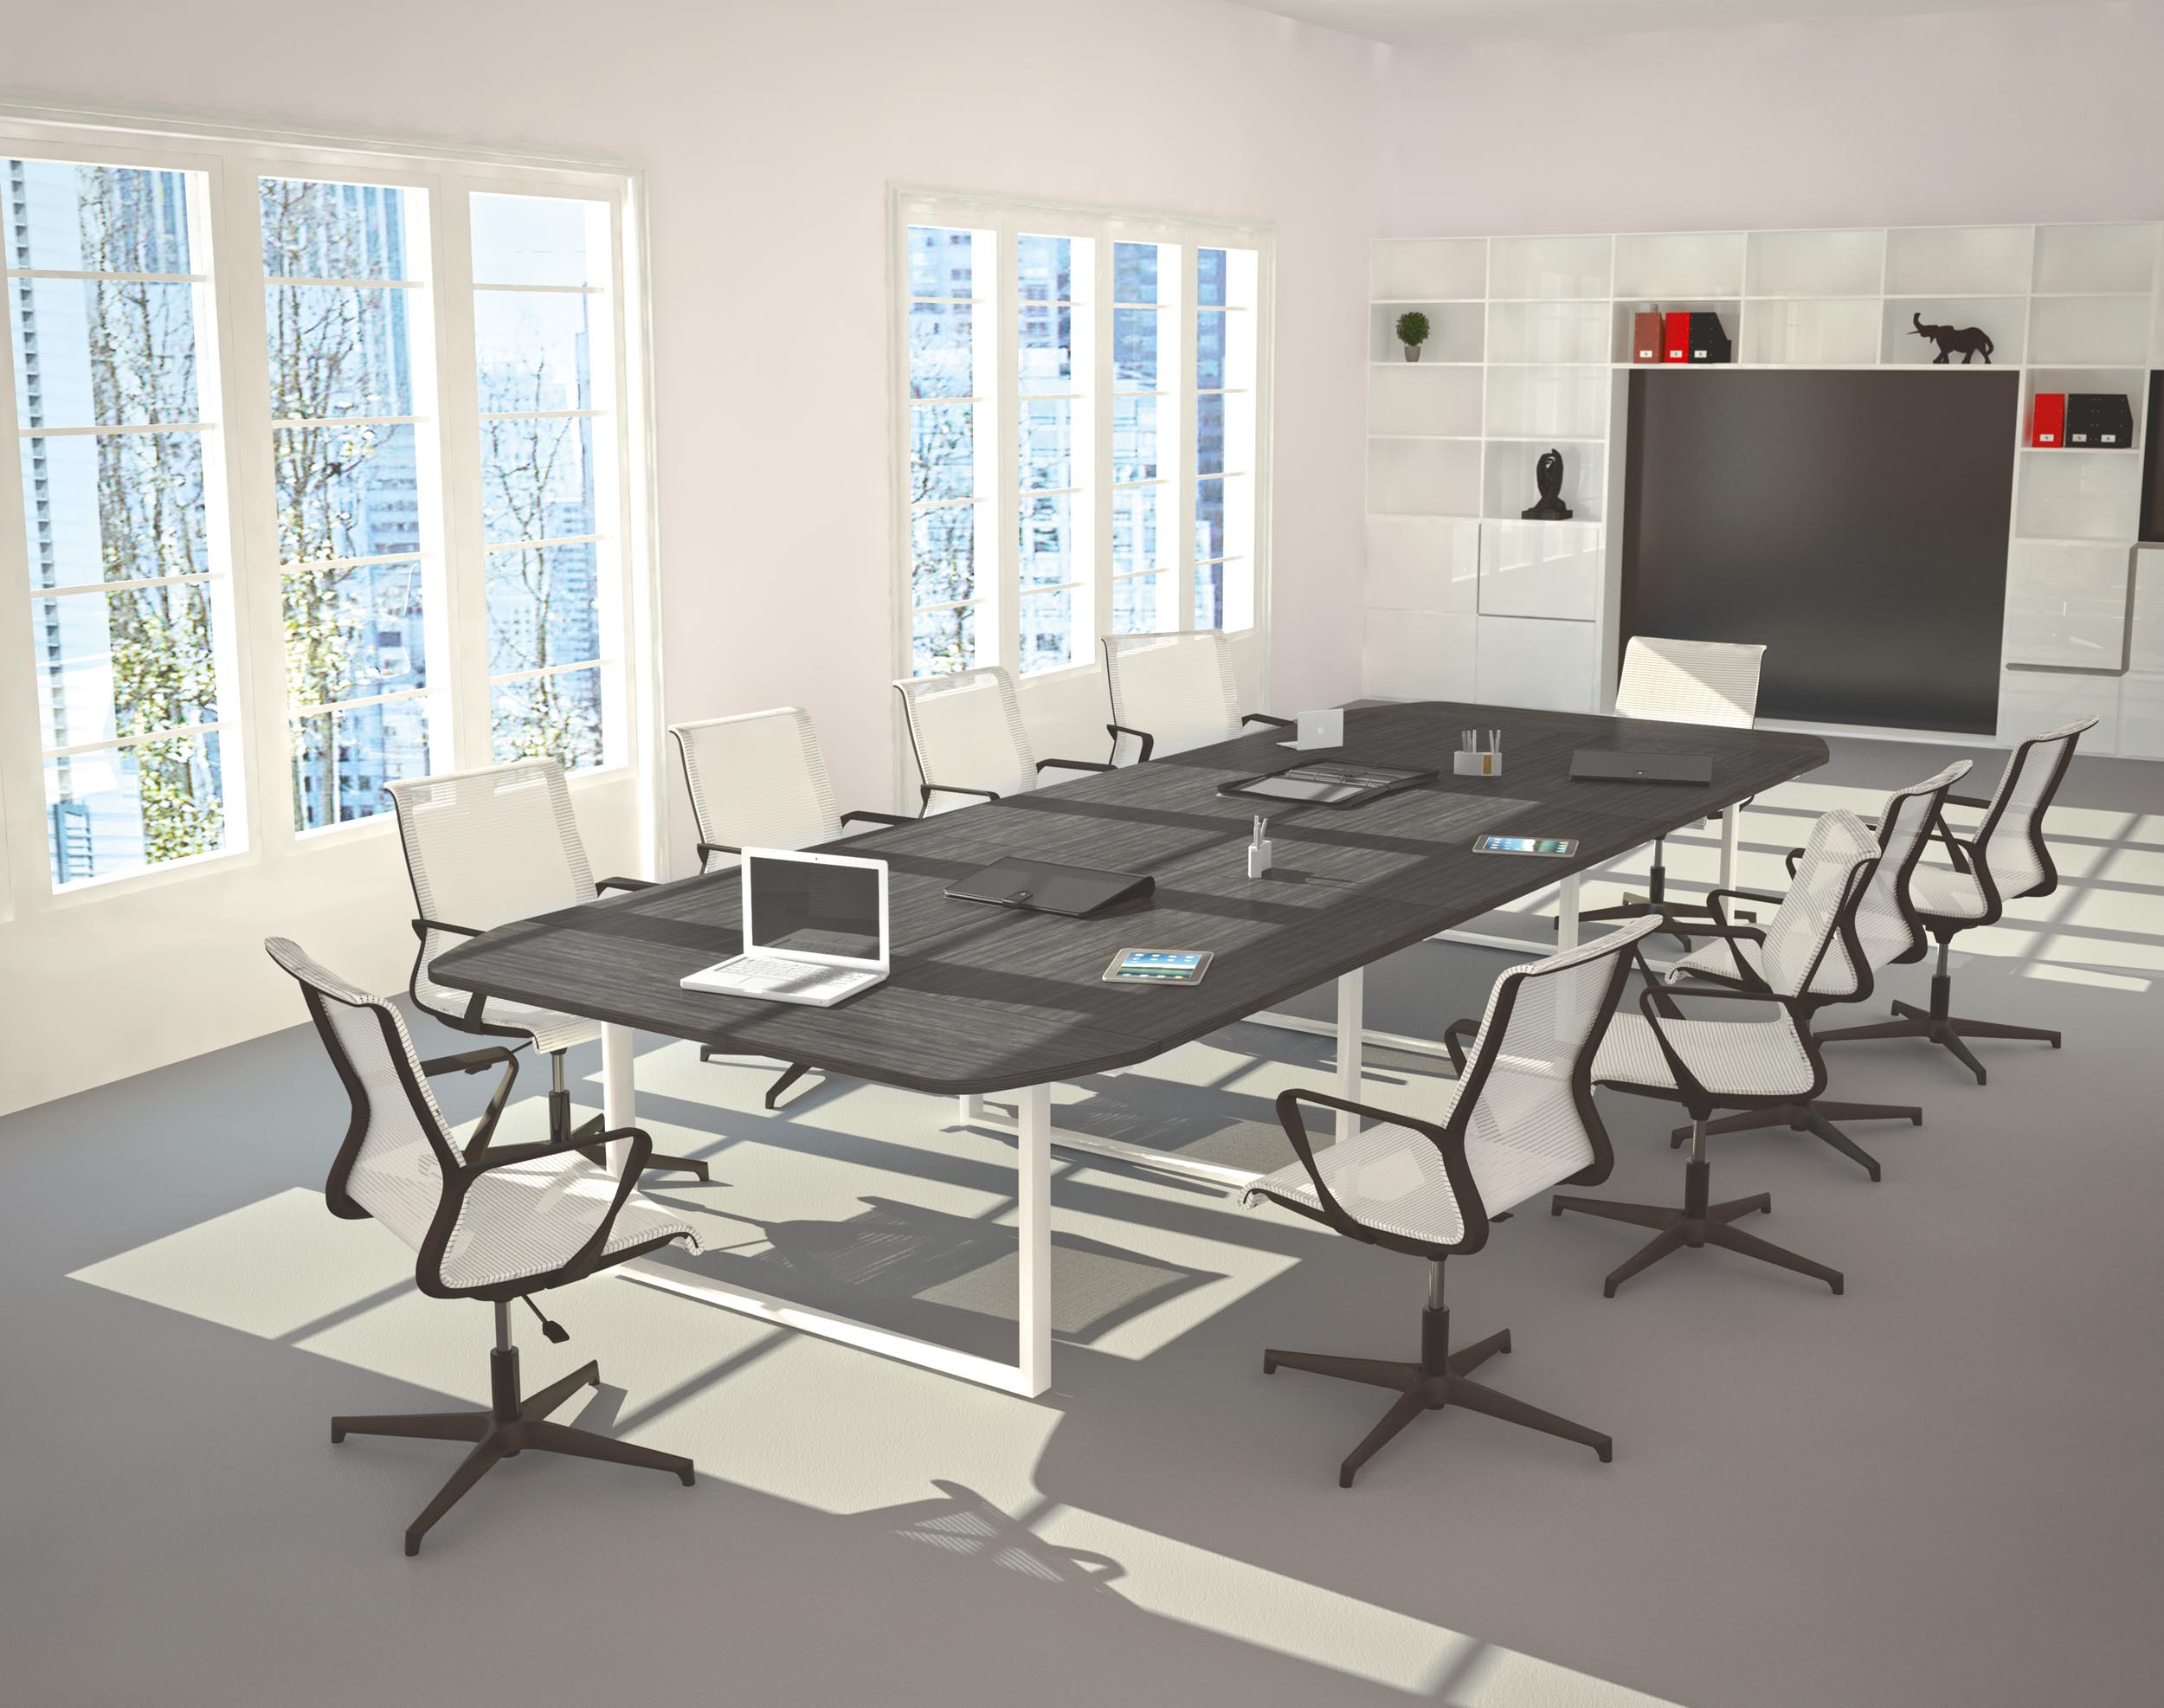 vente si ges pour table de r union si ges montpellier 34 n mes 30. Black Bedroom Furniture Sets. Home Design Ideas